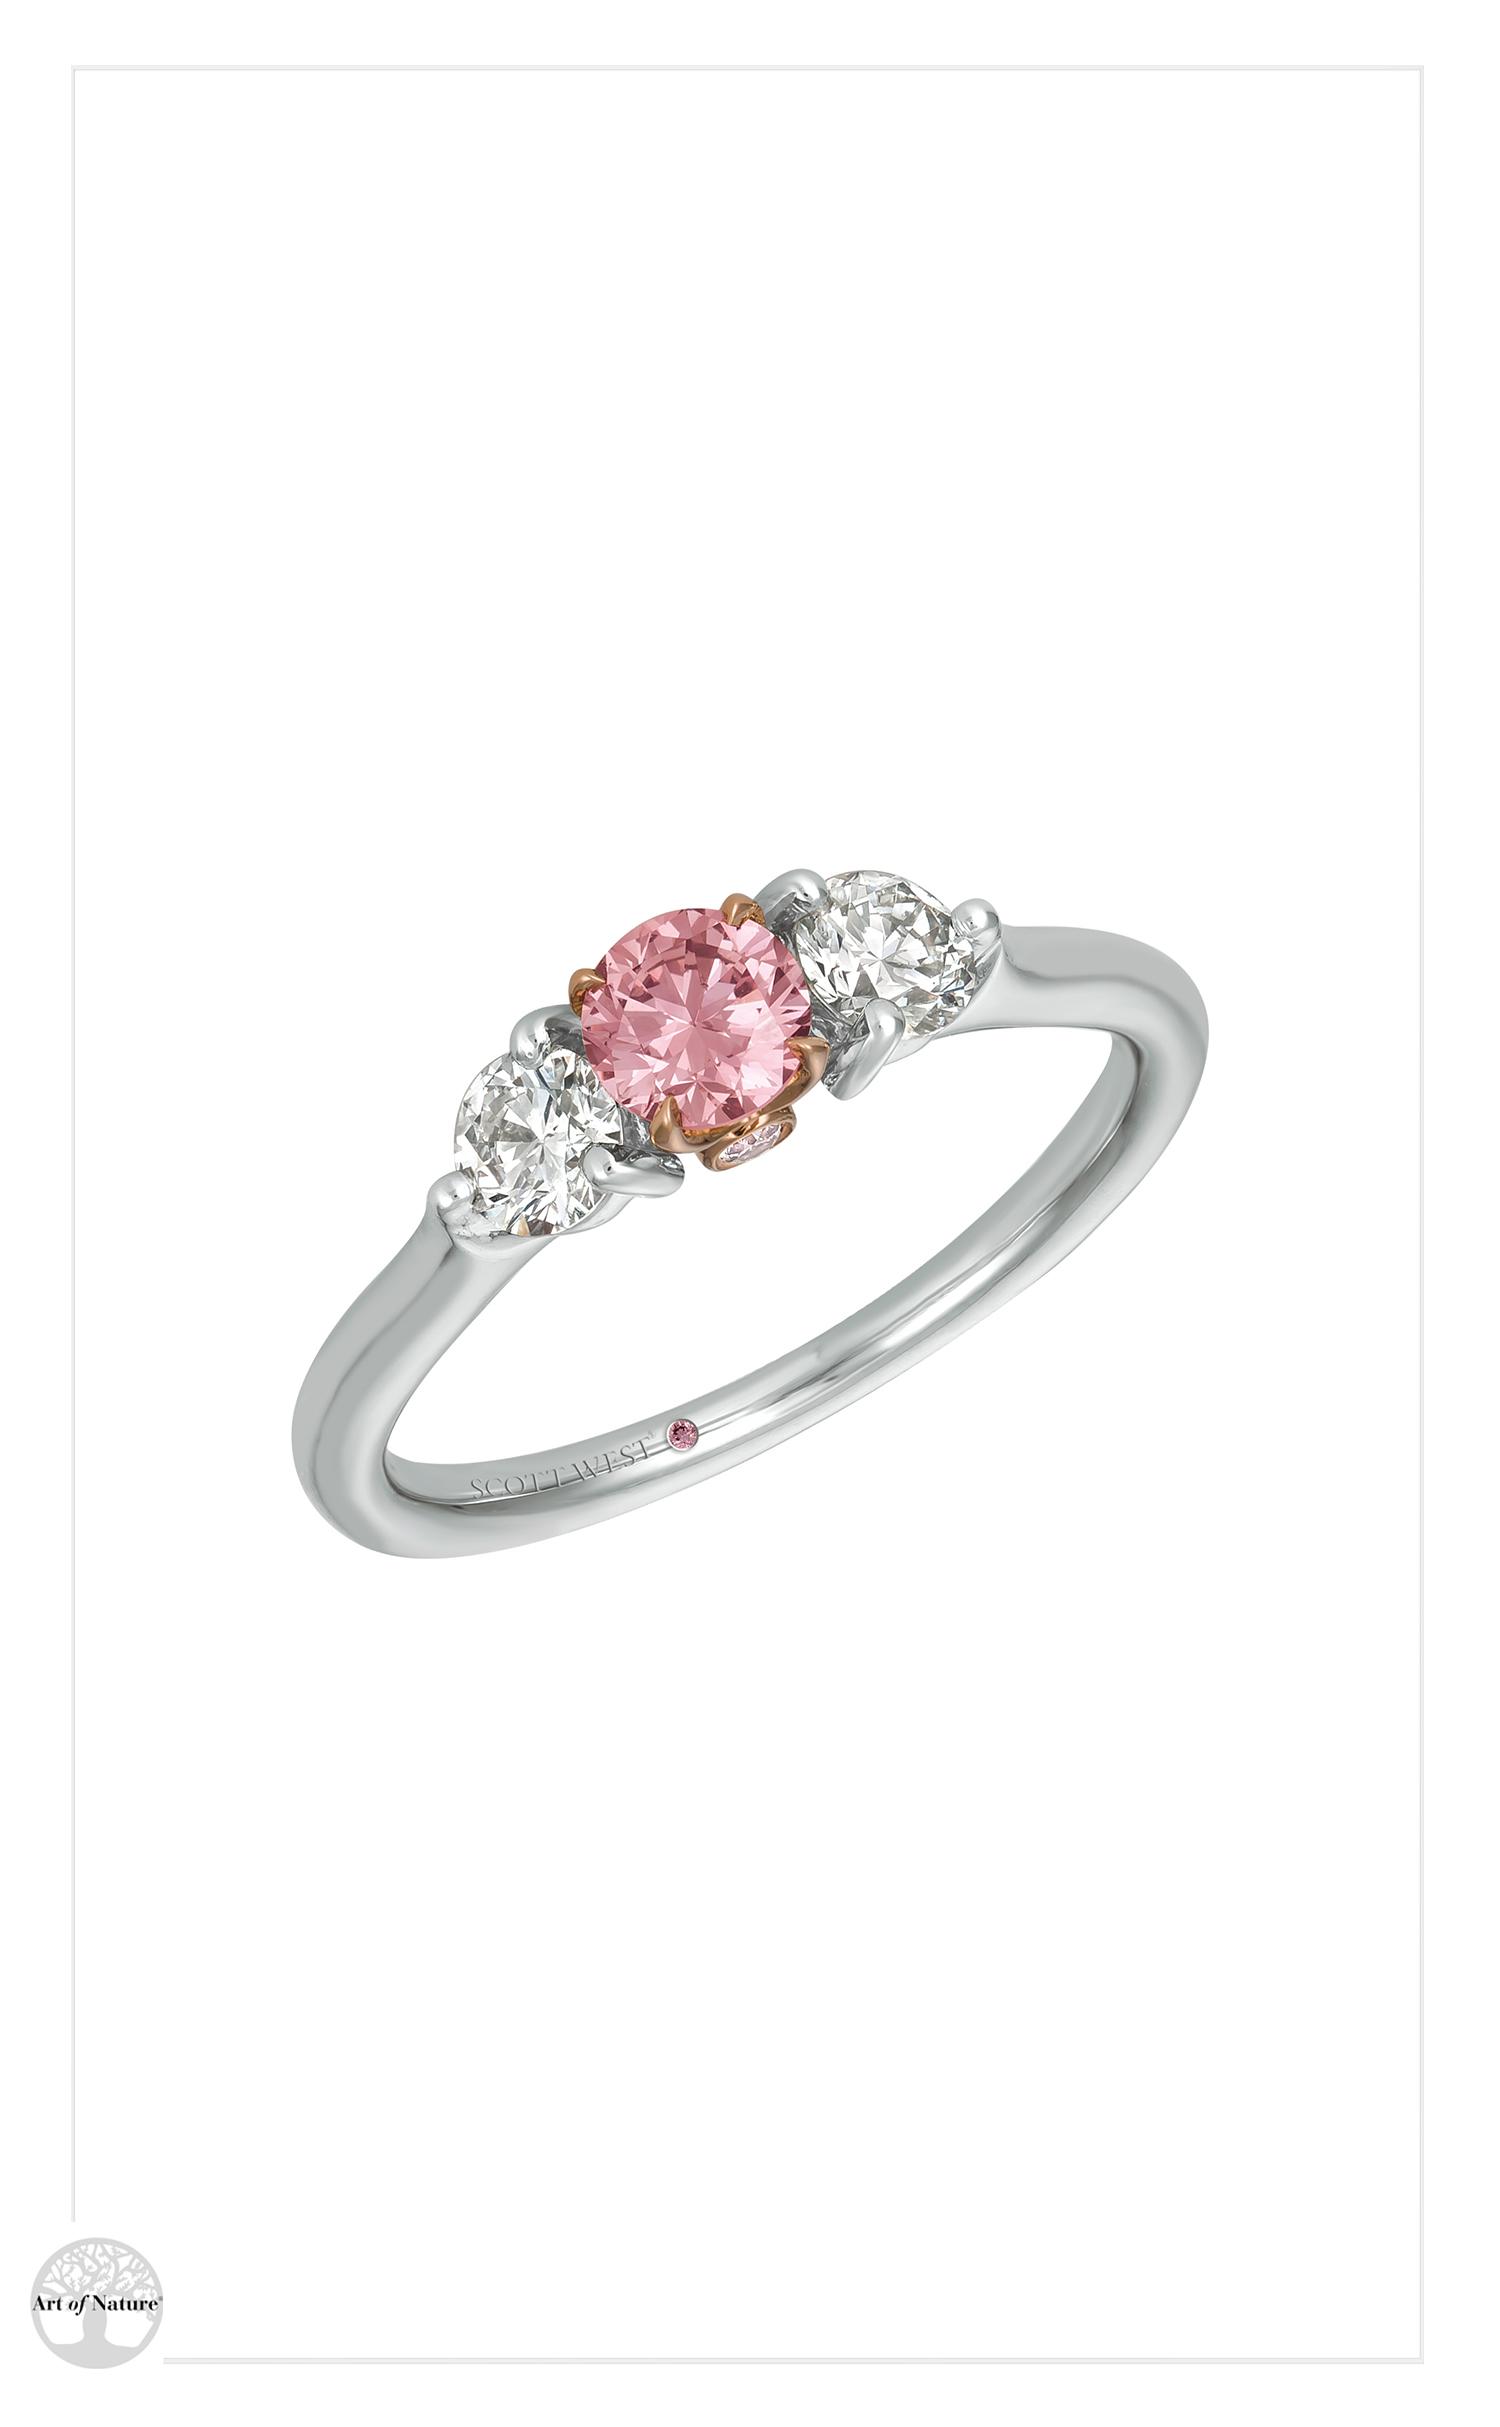 Scott West - Bridal pink